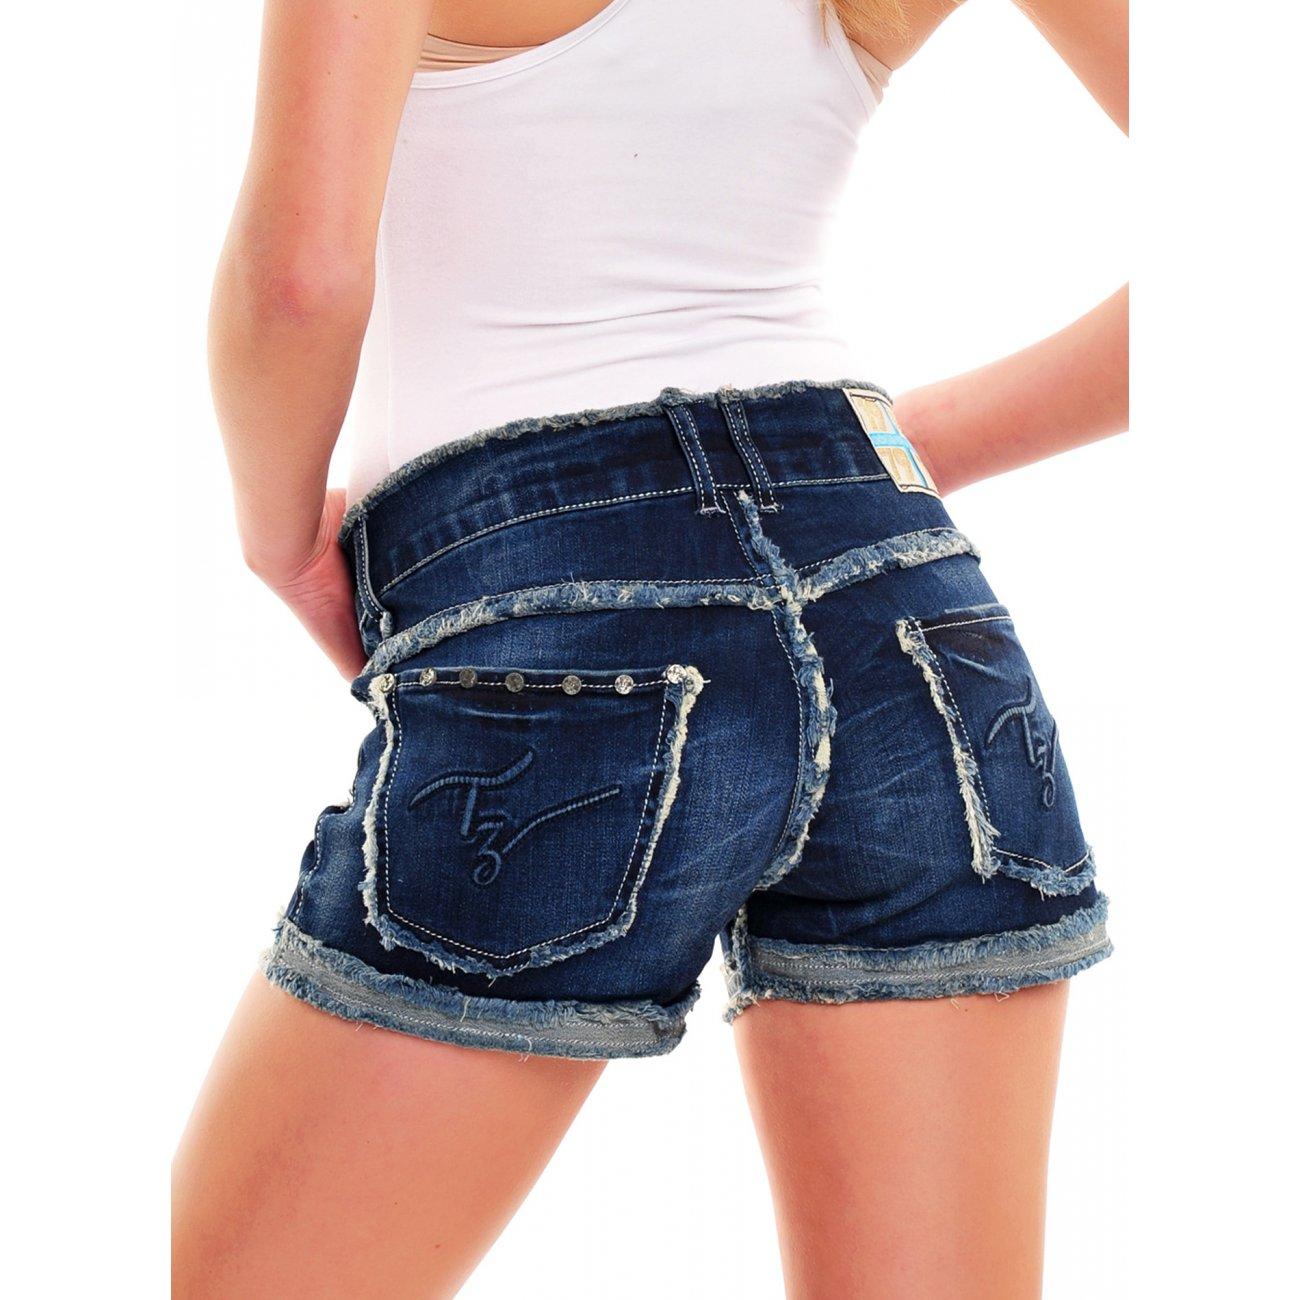 shorts damen high waist jeans hotpants 6006 g nstig. Black Bedroom Furniture Sets. Home Design Ideas